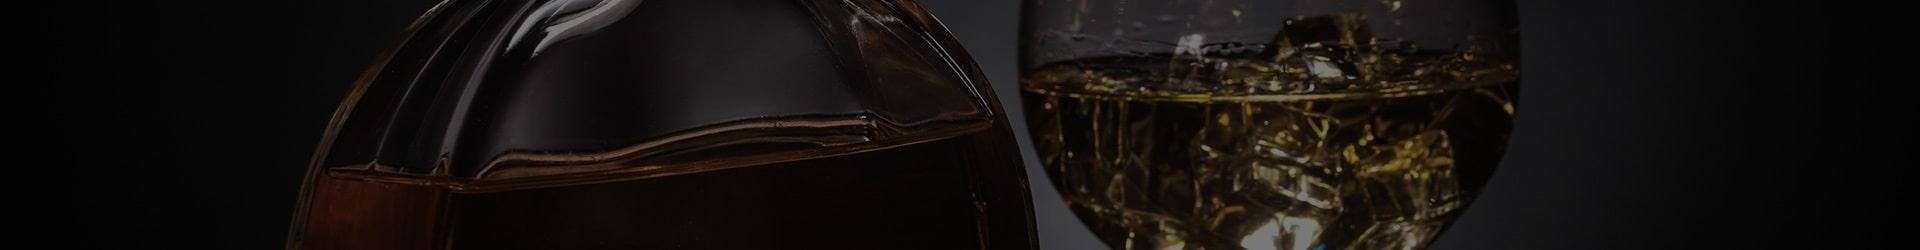 Cognac pour la Mixologie - Notre sélection - Cognac and Spirits